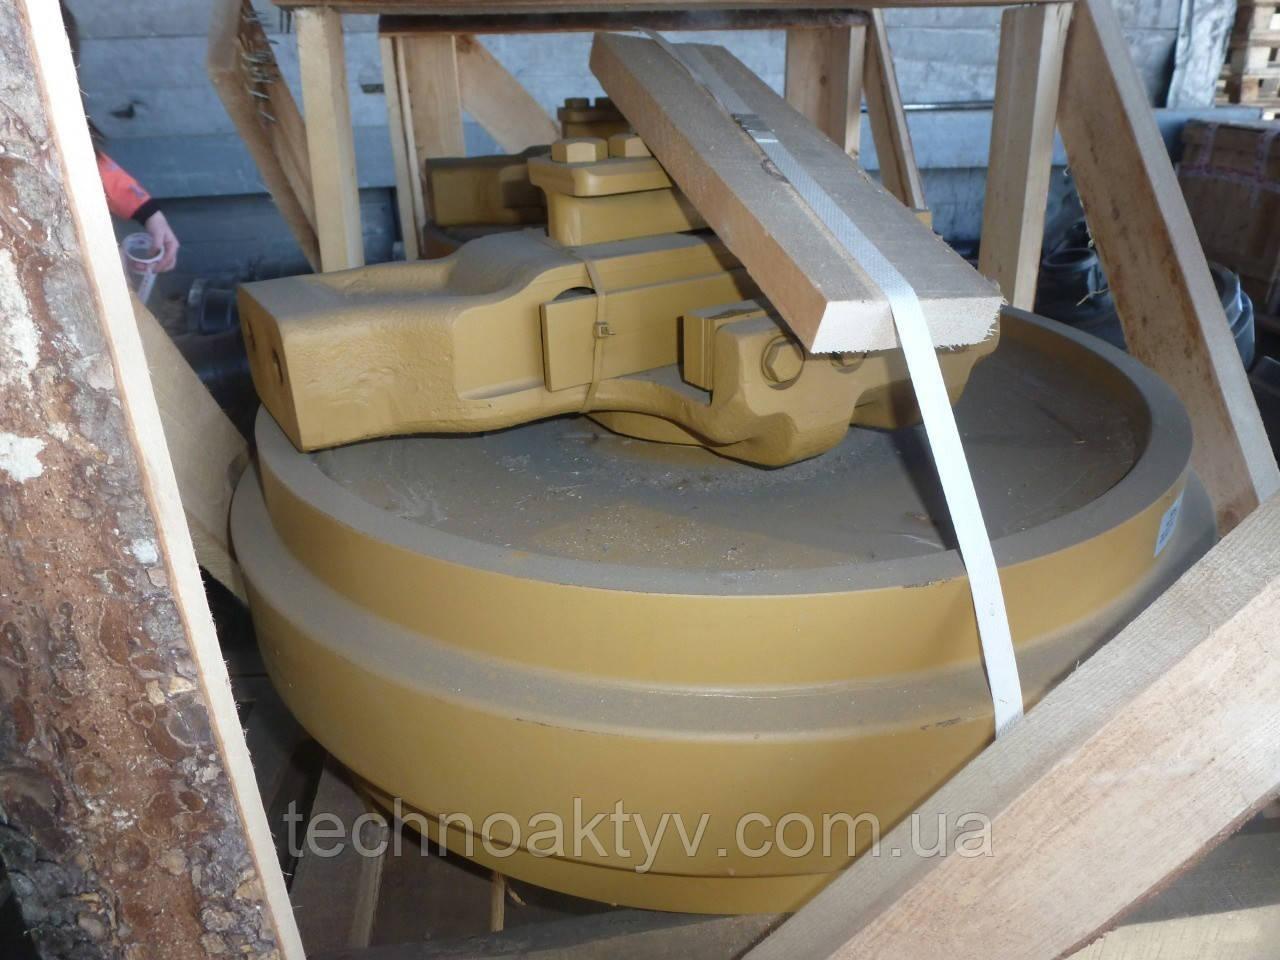 Направляющие (натяжные) колеса - ленивец JOHN DEERE 755/850 SF, 755/850 DF, 850C SF